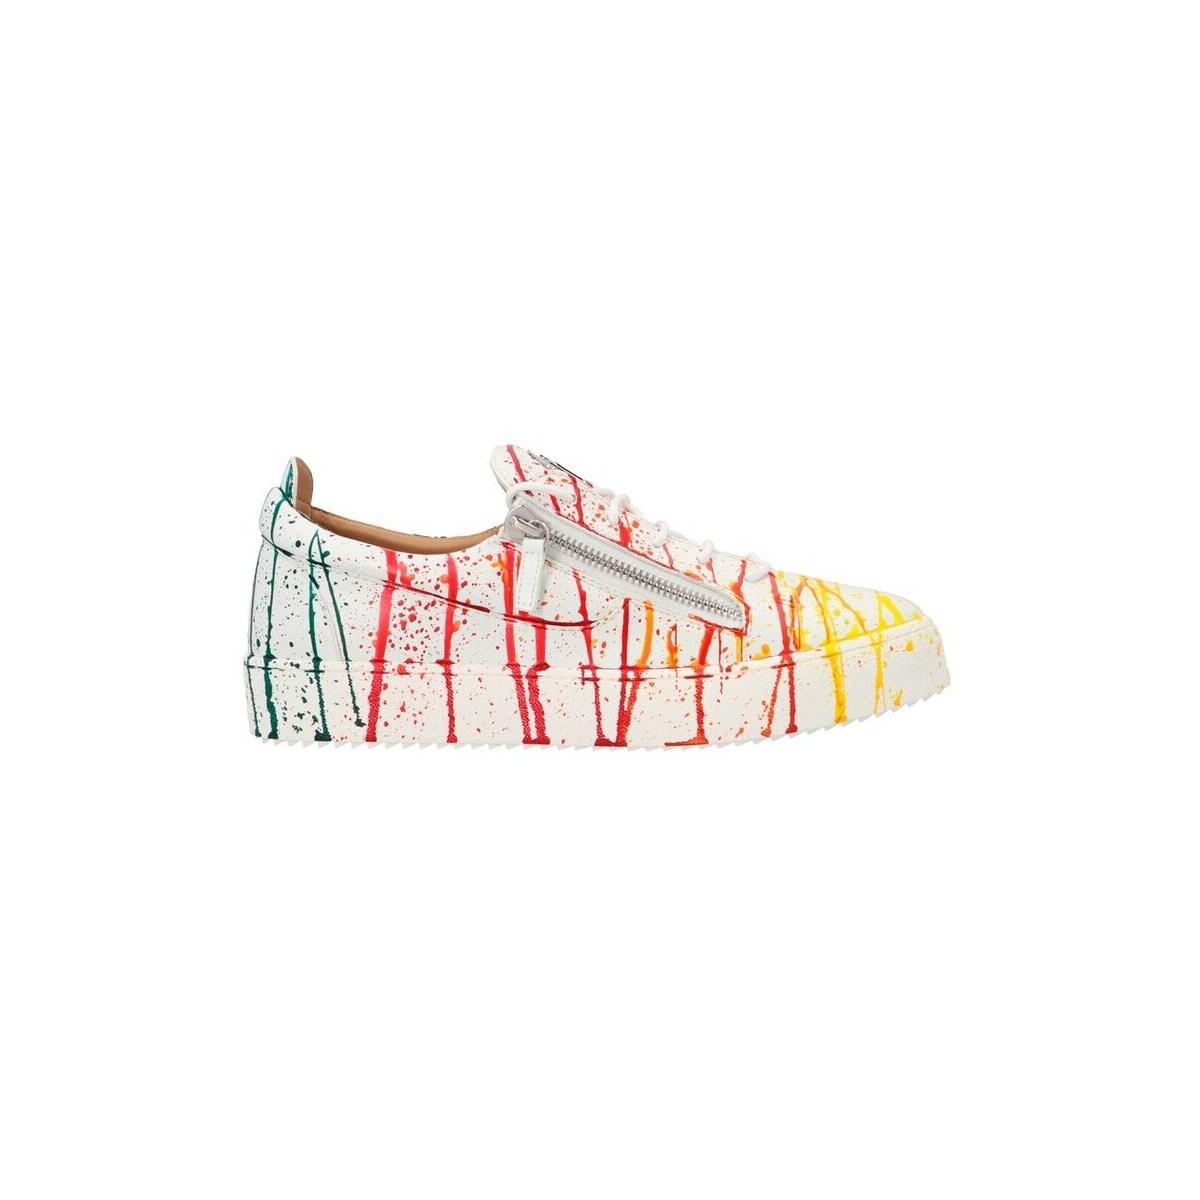 【テレビで話題】 GIUSEPPE ZANOTTI/ジュゼッペ ザノッティ Multicolor 'May London' RM10020001001 sneakers London' メンズ sneakers 春夏2021 RM10020001001 ju, SHOE CLOSET:3693d043 --- briefundpost.de